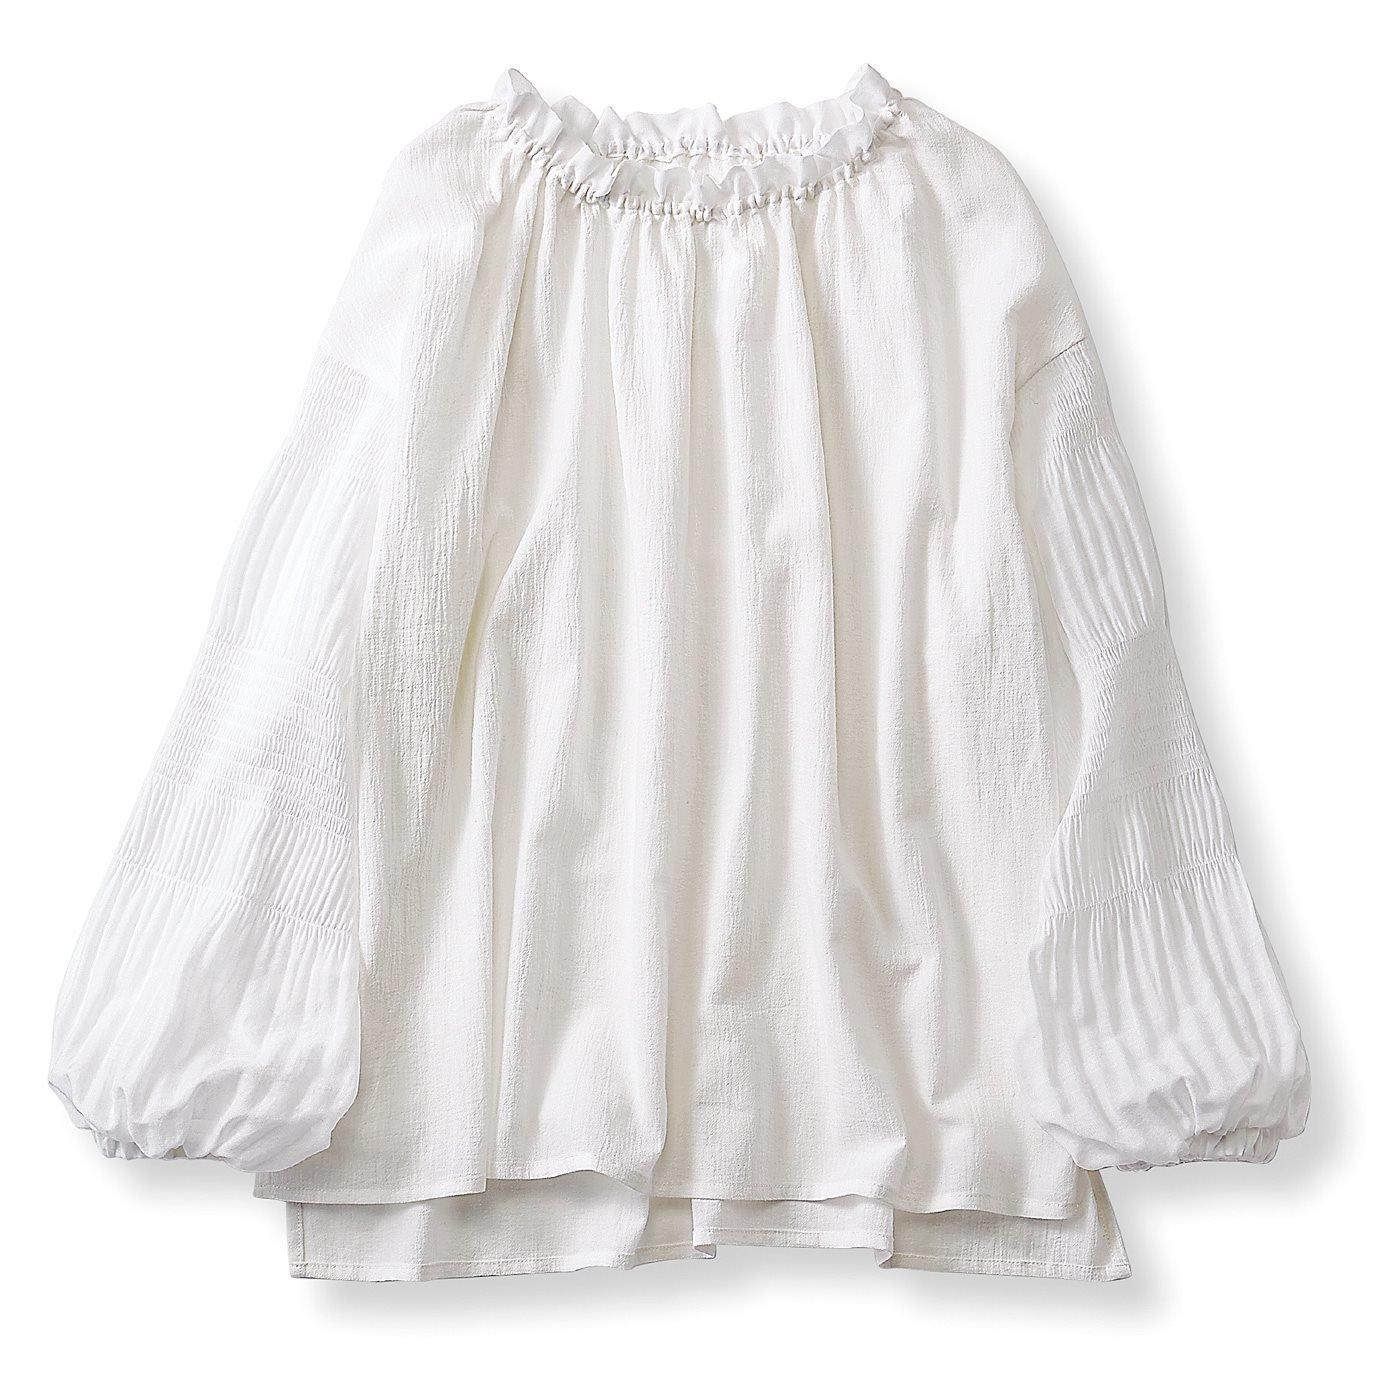 リブ イン コンフォート 衿ぐり伸びてサッと着やすい マジョリカプリーツをあしらったブラウス〈スノーホワイト〉